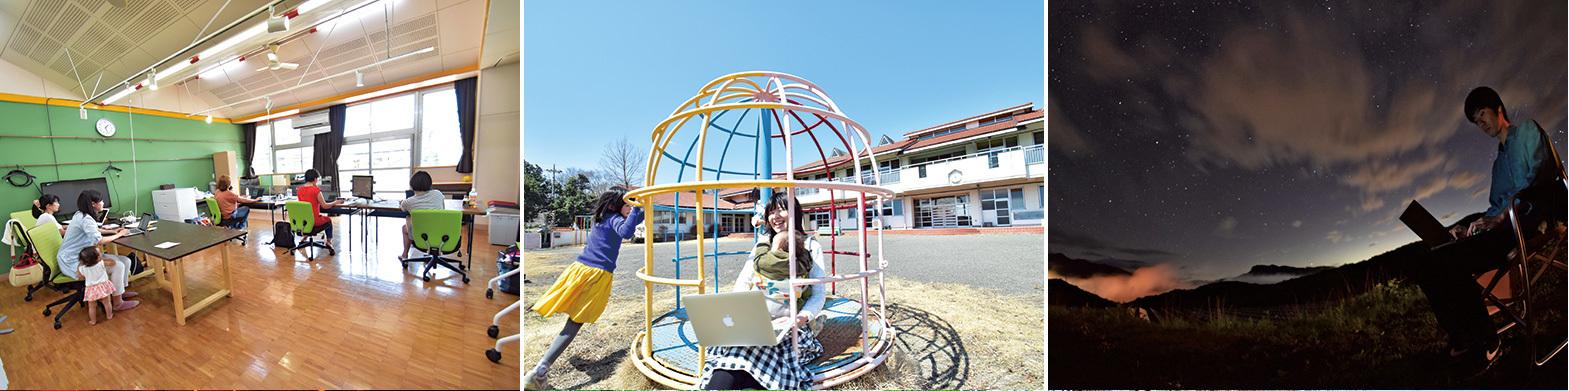 左/子連れでの利用は、子どもが長期休暇に入る時期に人気。子どもが退屈せず、親も仕事に集中できる。パパ、ママともに利用者が多い。 中央/『テレワークセンターみなかみ』には、幼稚園時代の遊具が残っている。子連れ利用者は保育スタッフに子どもを預けられる。 右/空気の澄んだみなかみ町では、星空がきれいに見え、時期によってはホタルもいる。テレワークであれば、そんな場所での仕事も可能。